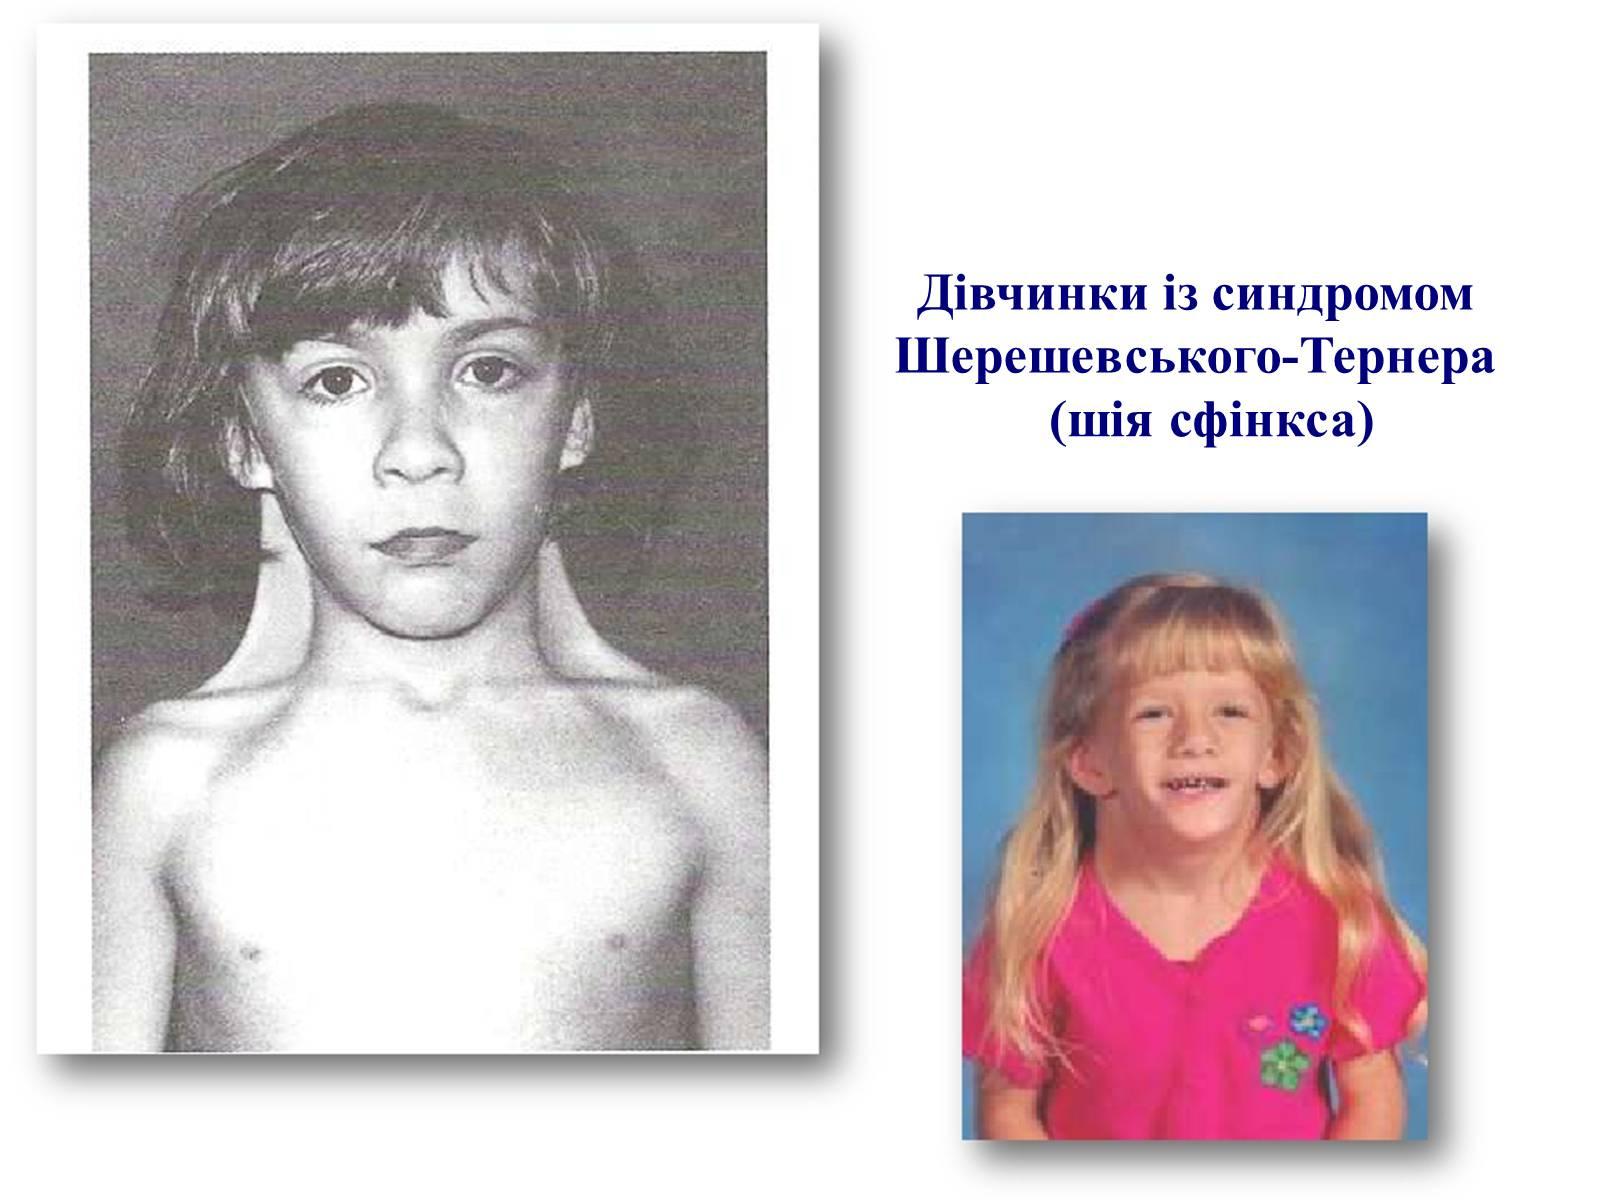 Синдром шерешевского тернера фото детей